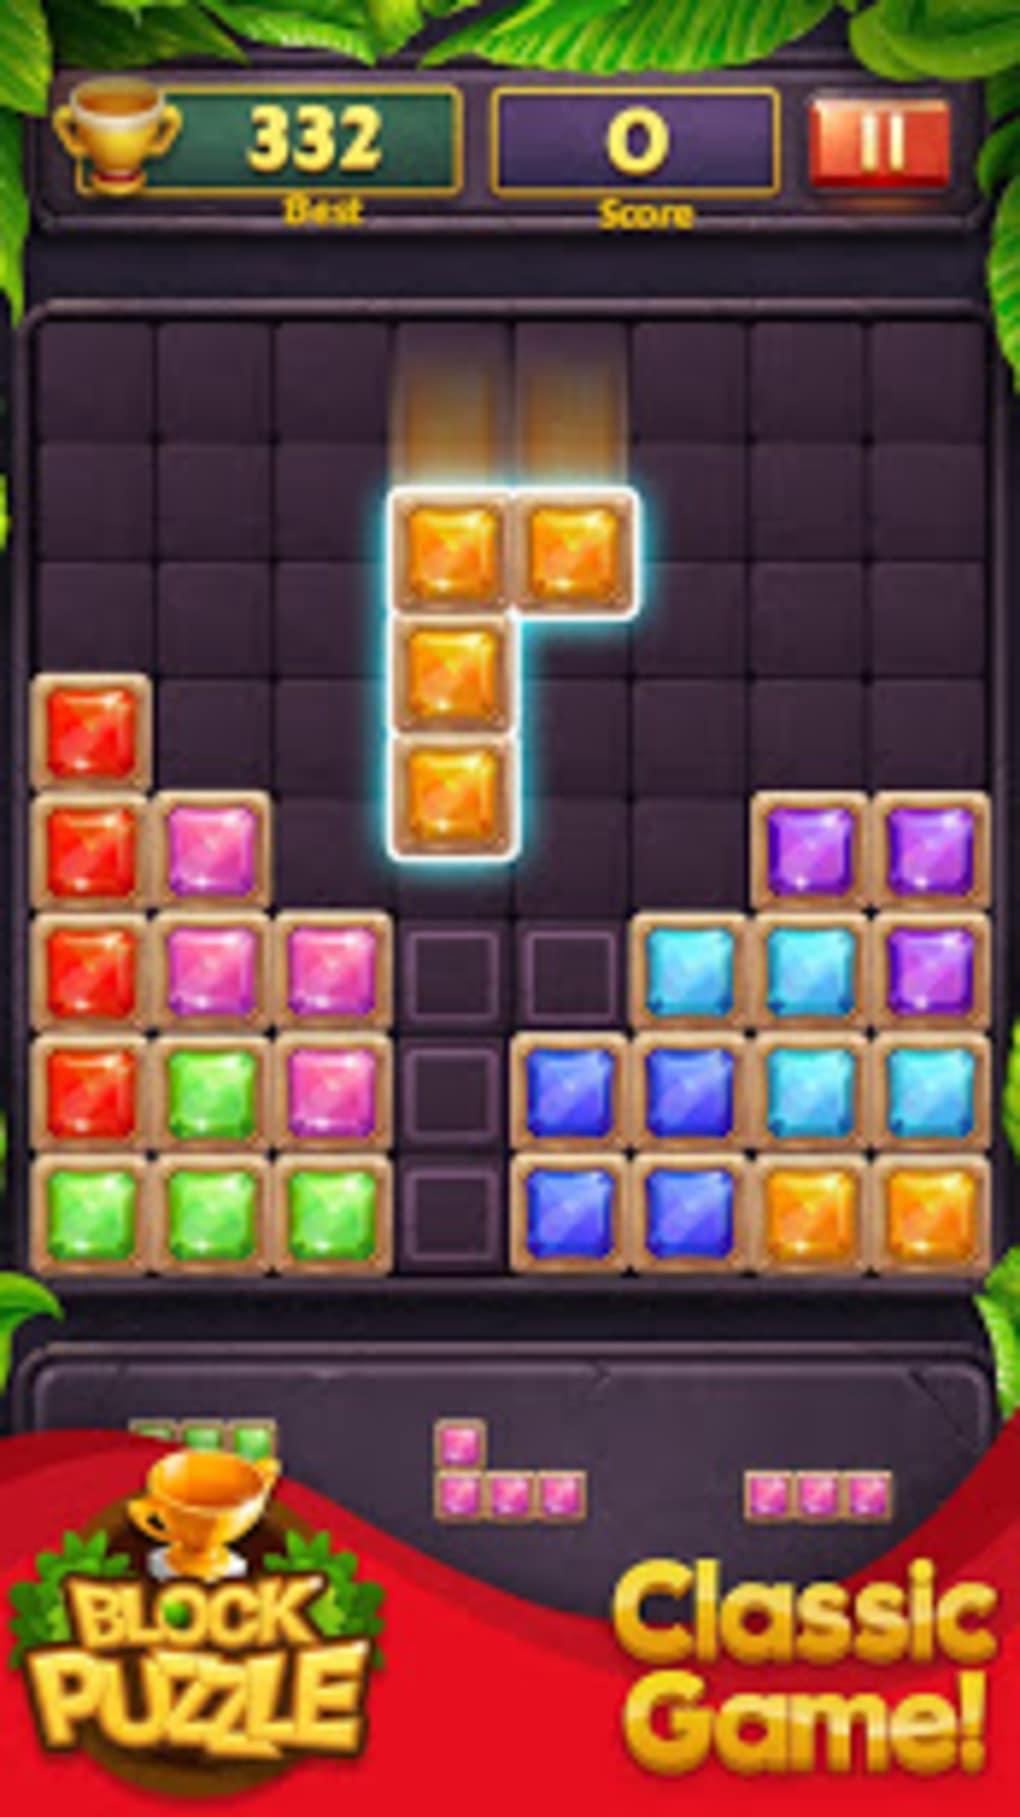 Block Puzzle Jewel Apk Pour Android - Télécharger intérieur Puzzles Gratuits Sans Téléchargement